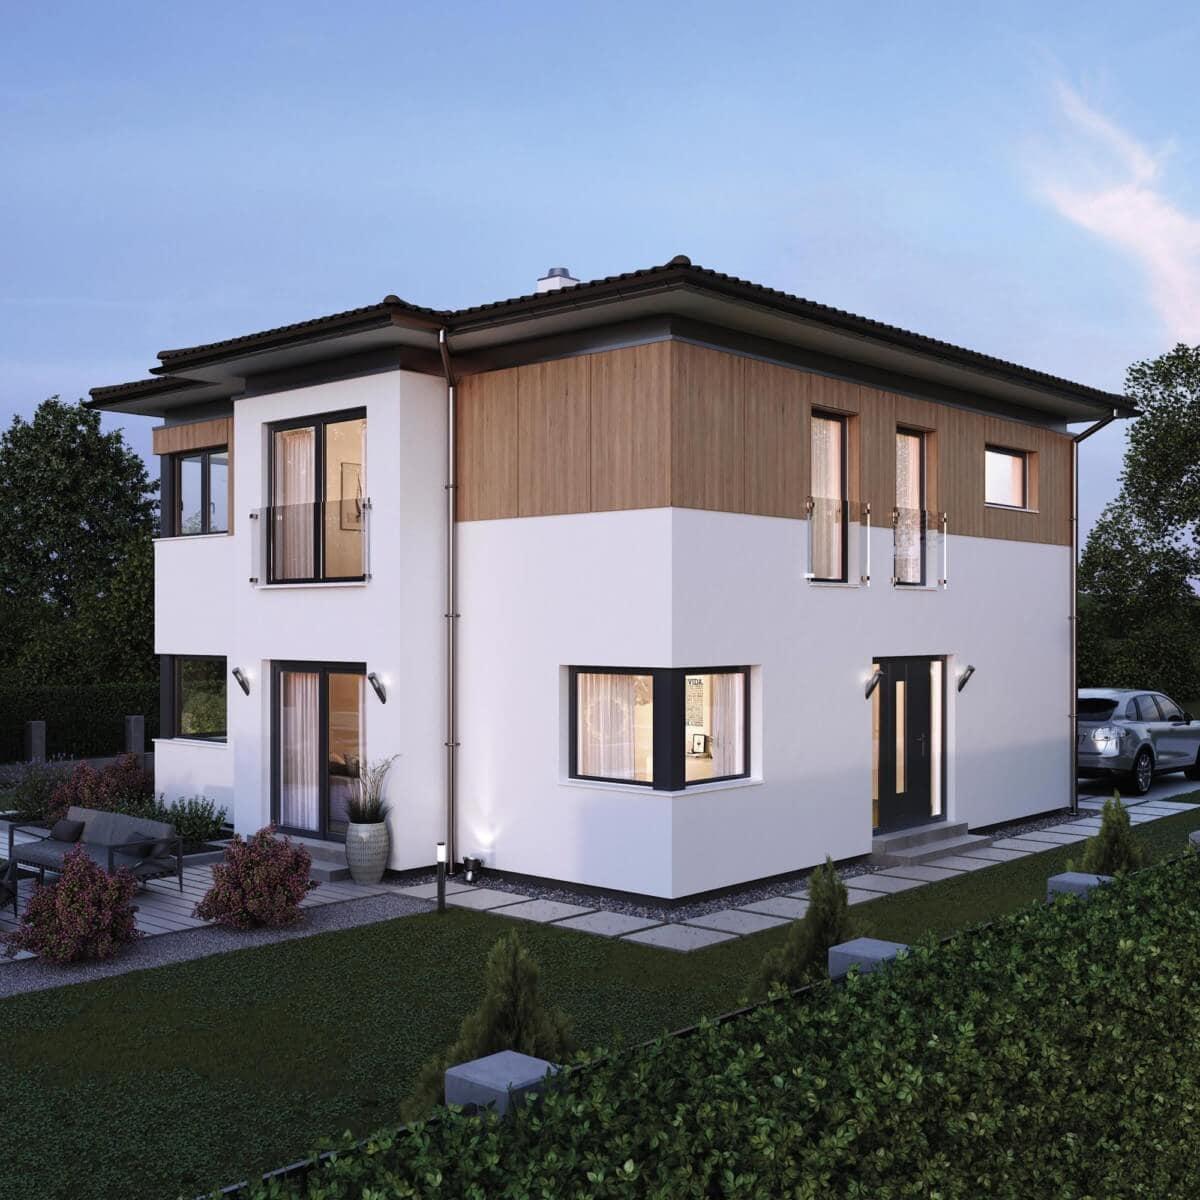 Fertighaus Stadtvilla Neubau modern mit Holz Putz Fassade & Walmdach - Einfamilienhaus bauen Ideen ELK Haus 161 - HausbauDirekt.de